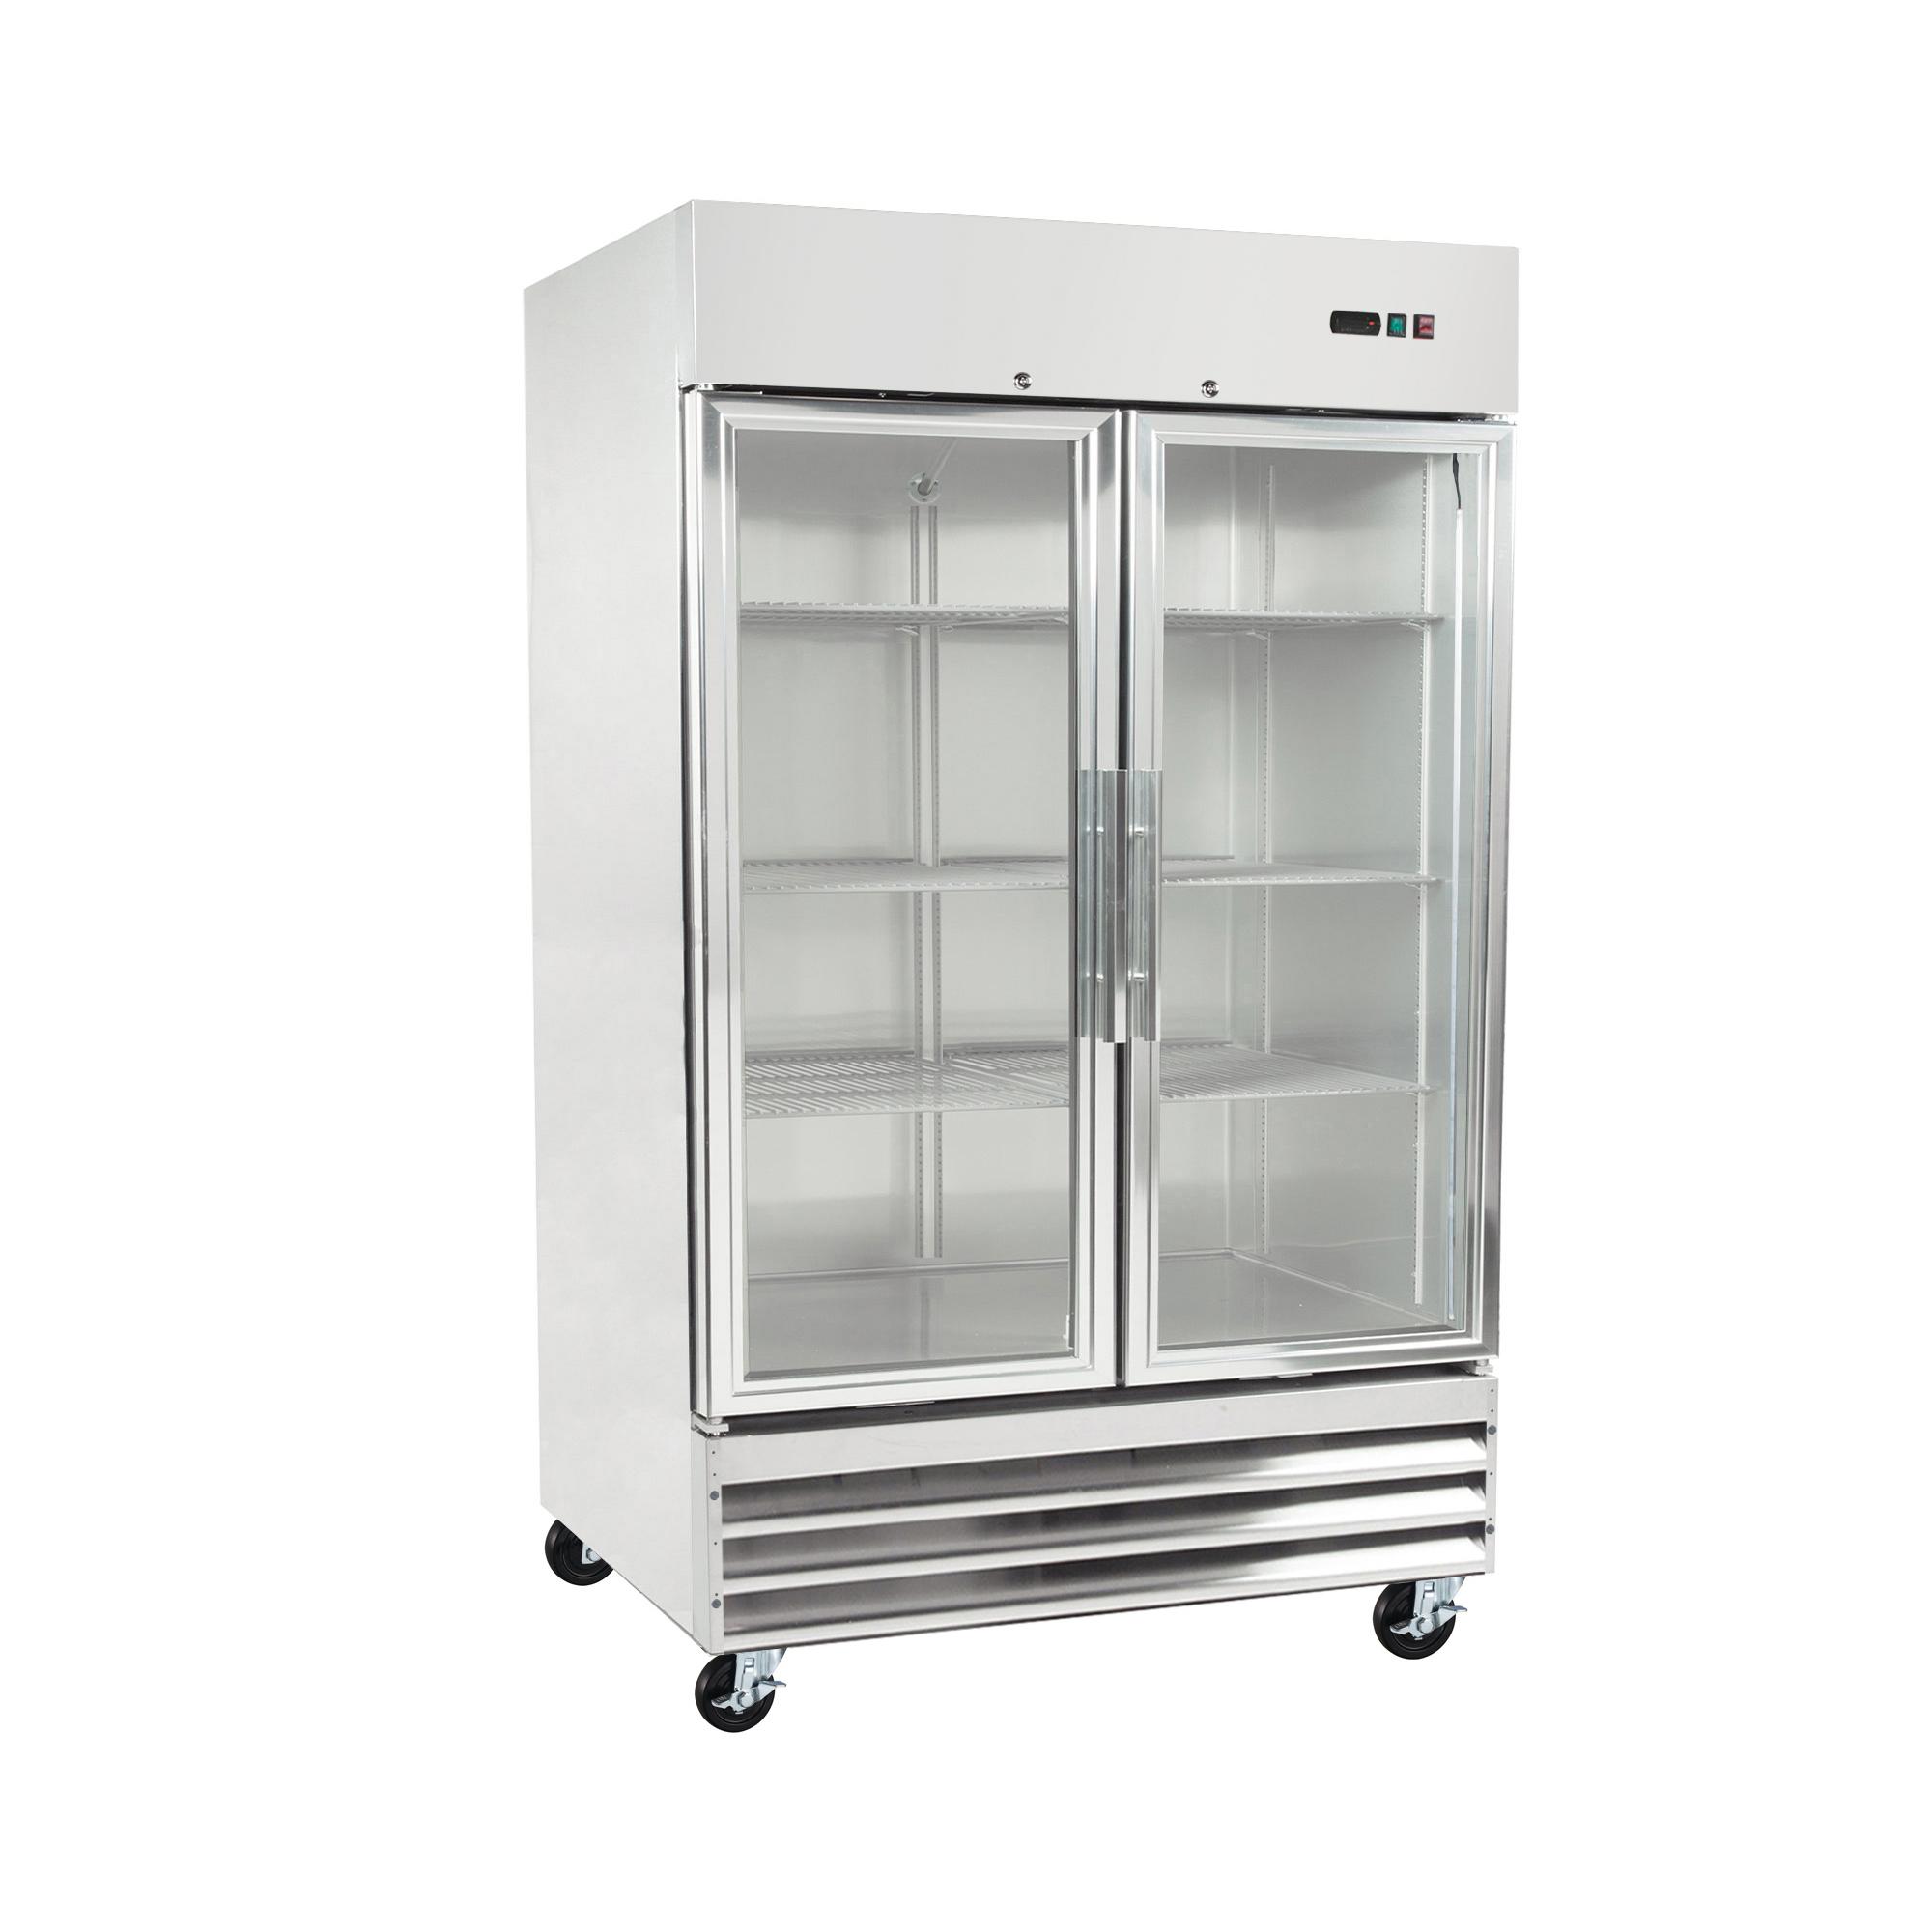 Eurodib USA CFD-2RRG refrigerator, merchandiser